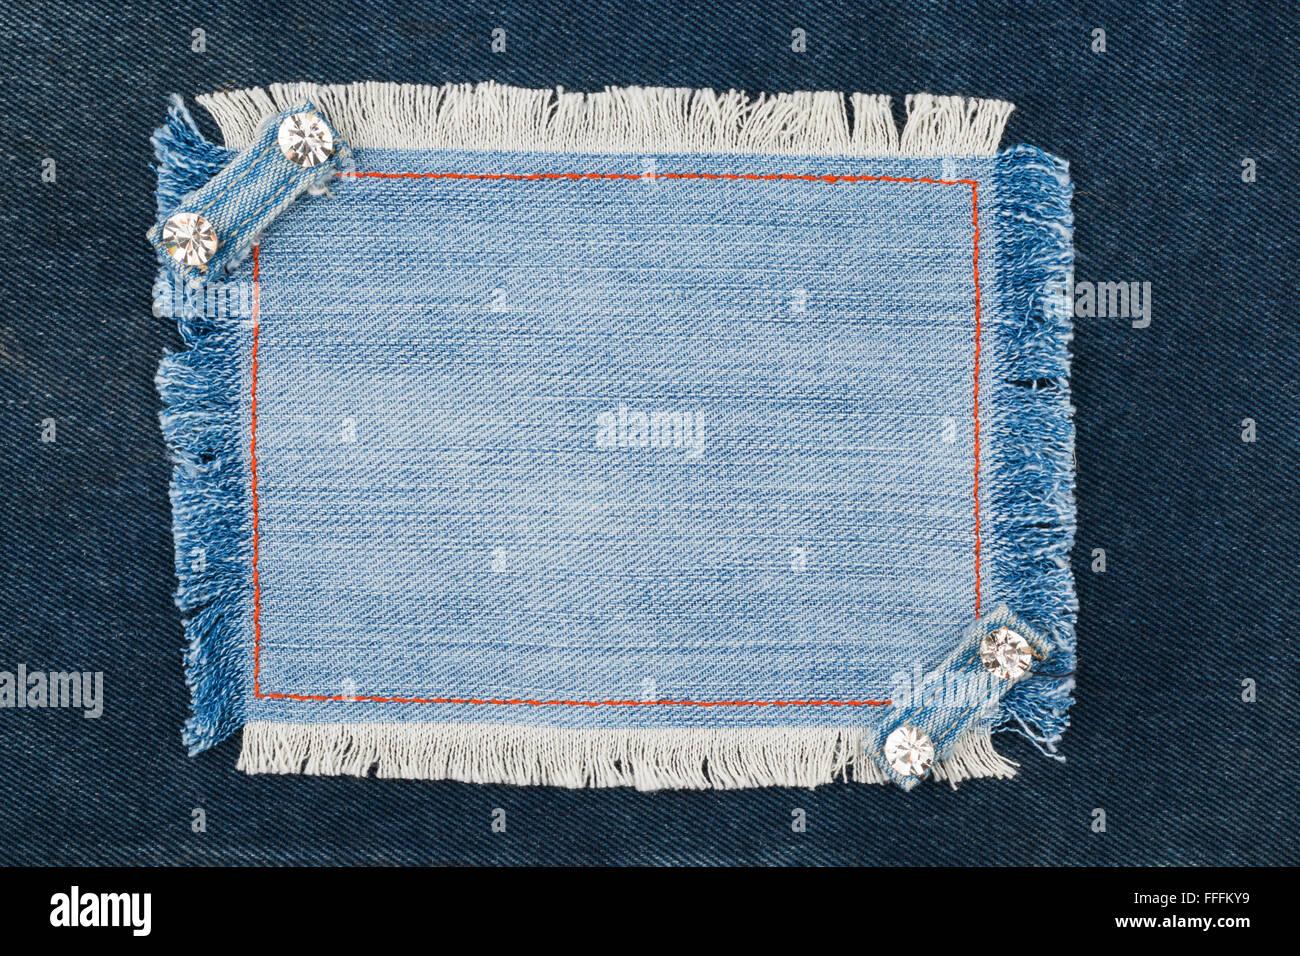 Wunderbar Rahmen Jeans Verkauf Fotos - Benutzerdefinierte ...